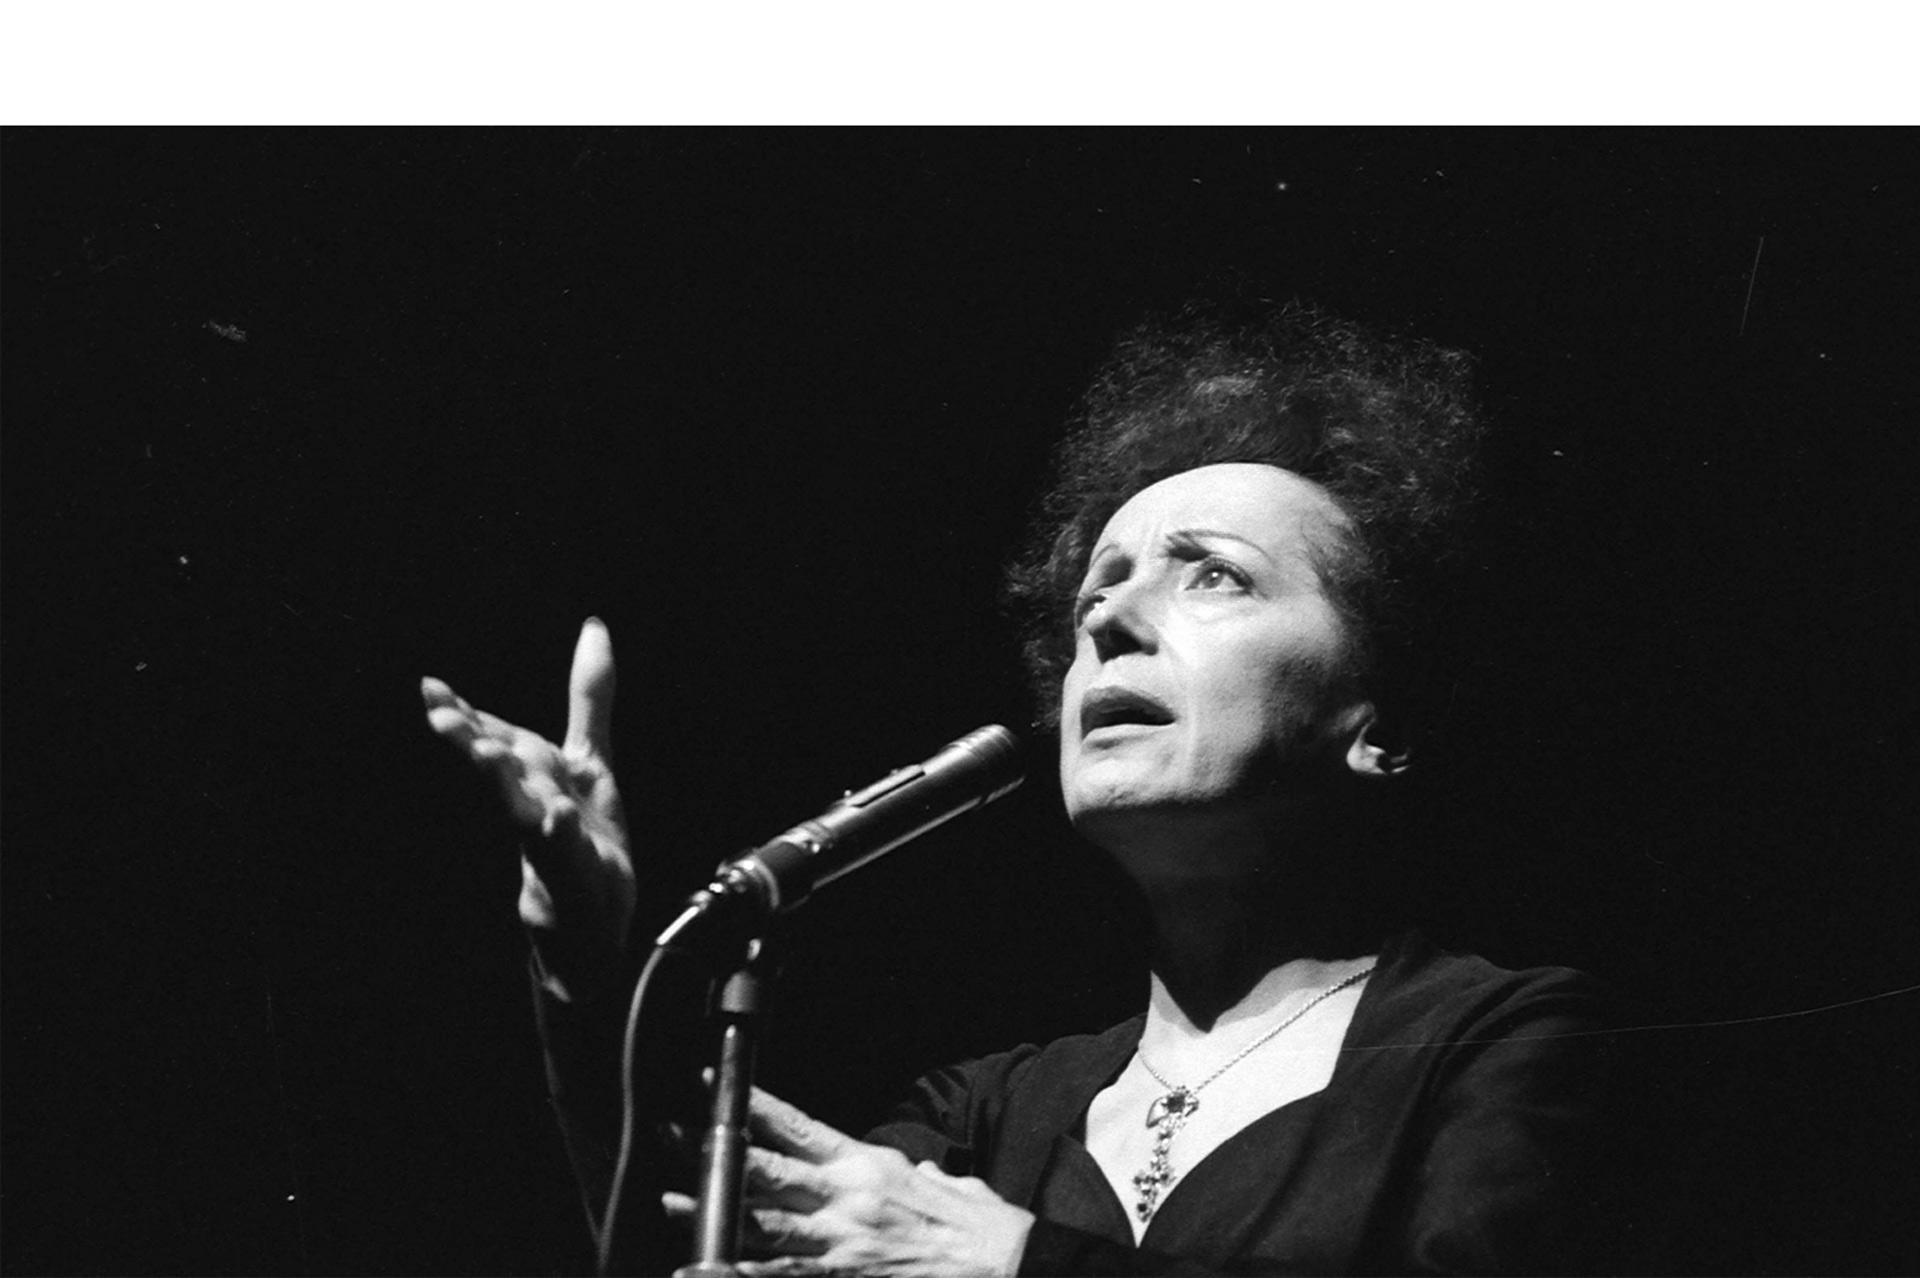 París conmemoró los 100 años de La Môme Piaf con numerosos eventos en teatros, plazas y salas de música